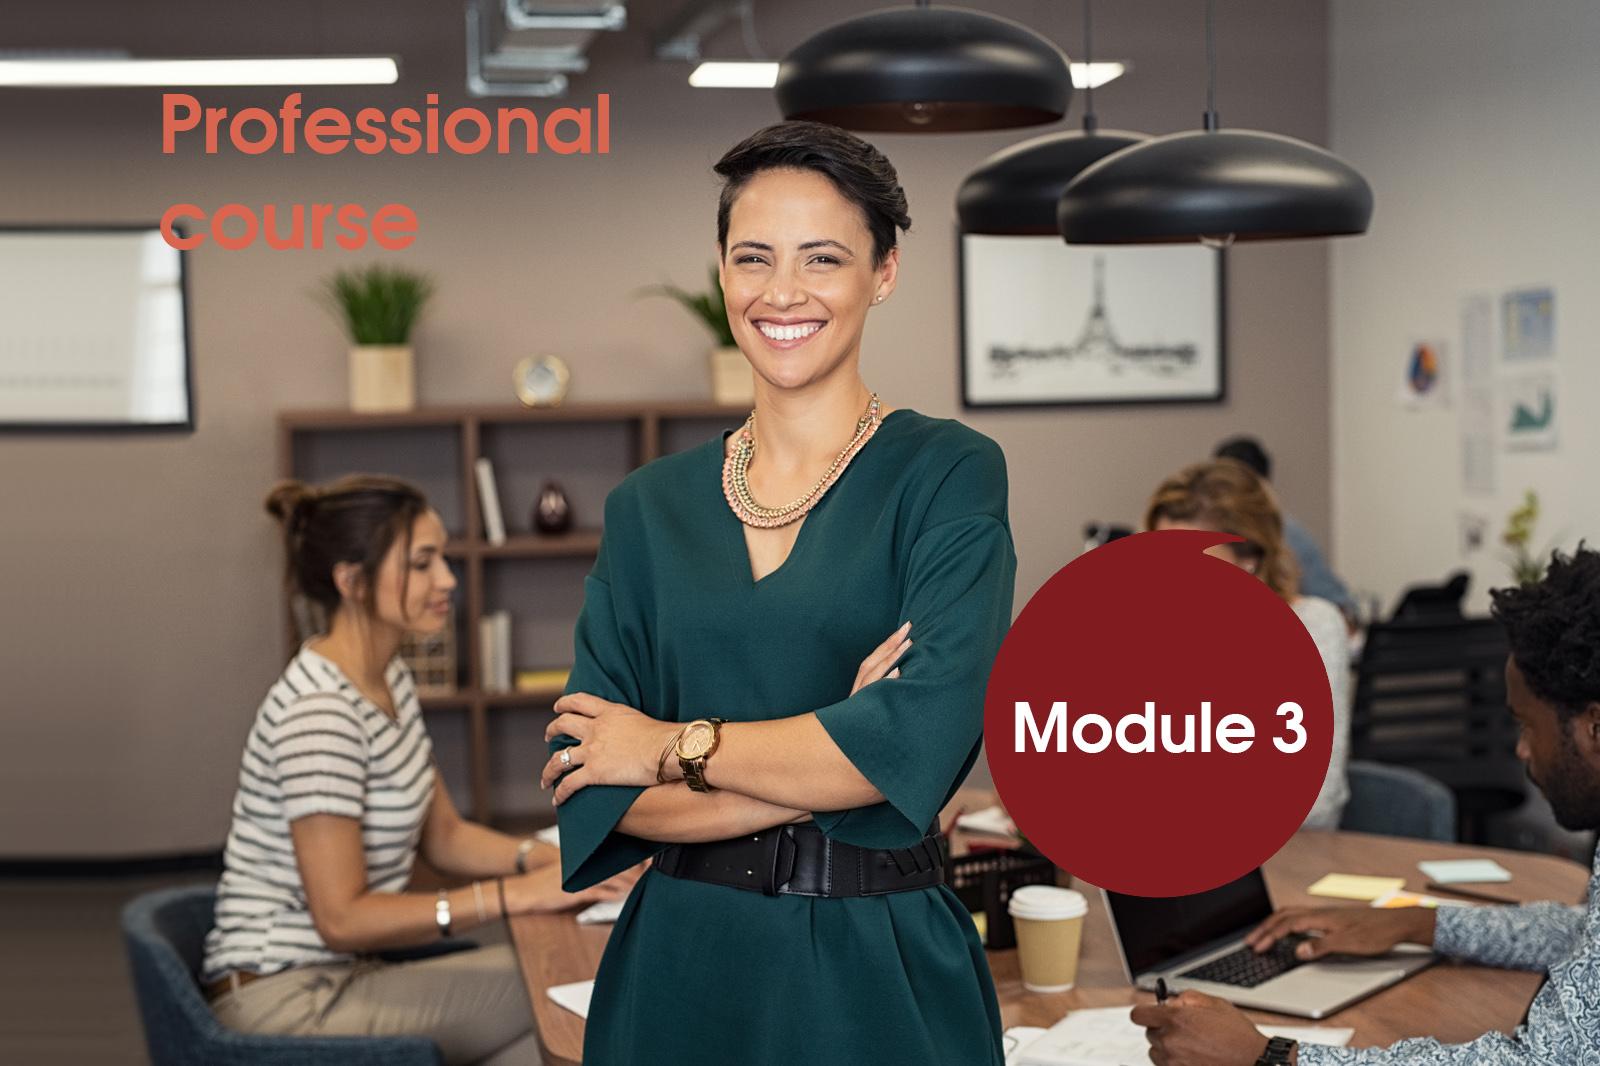 Фінансова англійська – Професійний курс Модуль 3